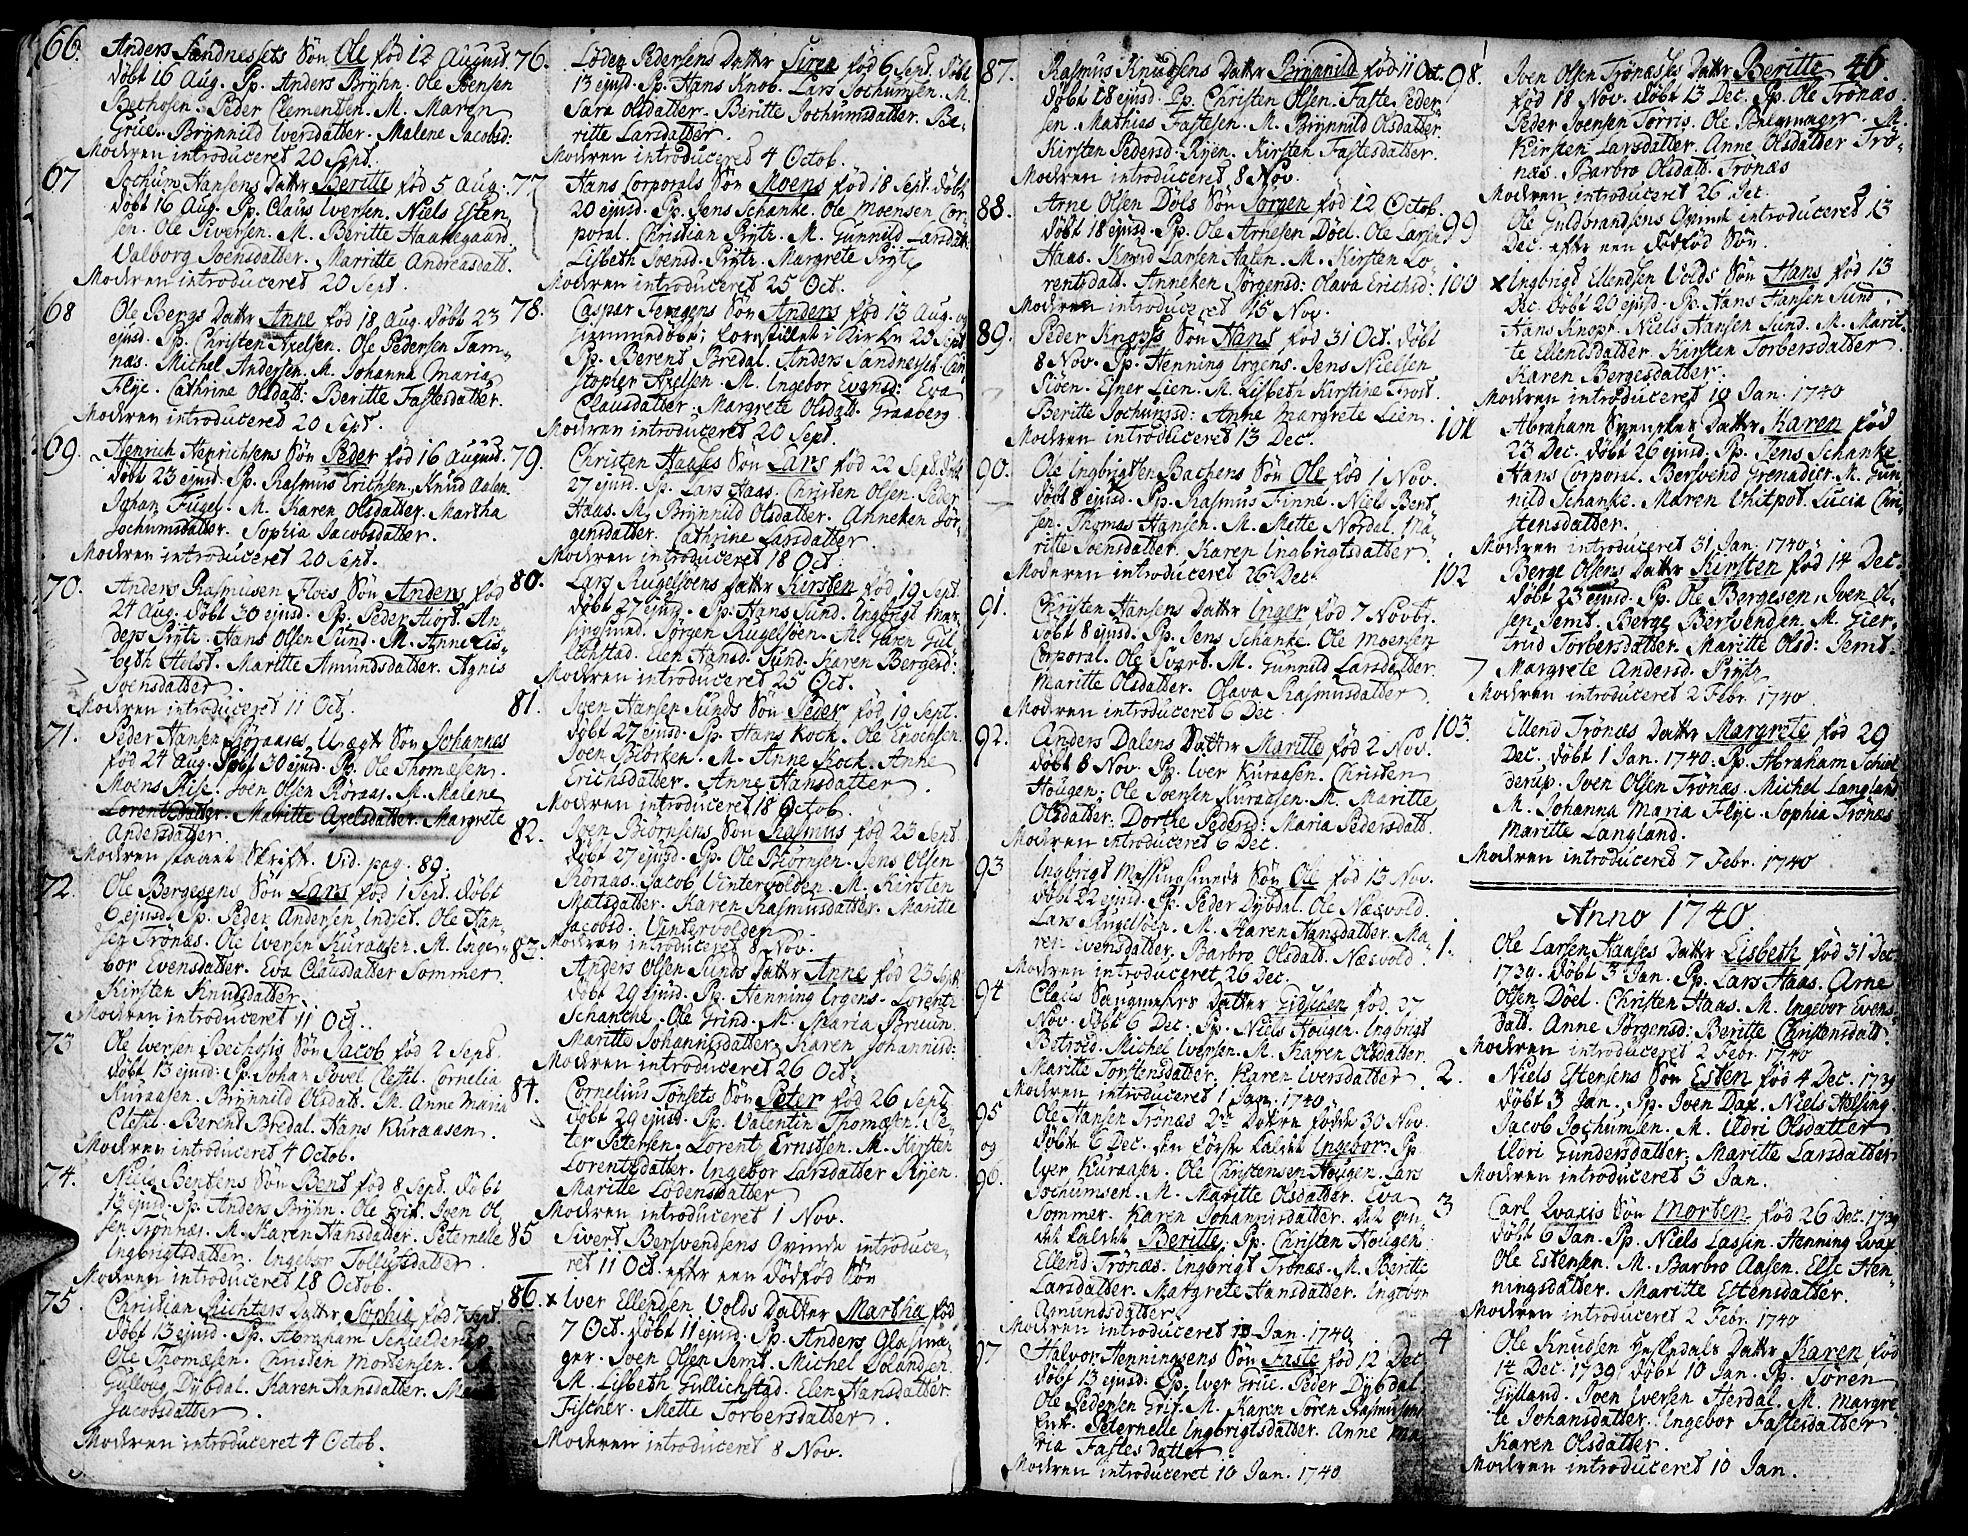 SAT, Ministerialprotokoller, klokkerbøker og fødselsregistre - Sør-Trøndelag, 681/L0925: Ministerialbok nr. 681A03, 1727-1766, s. 46